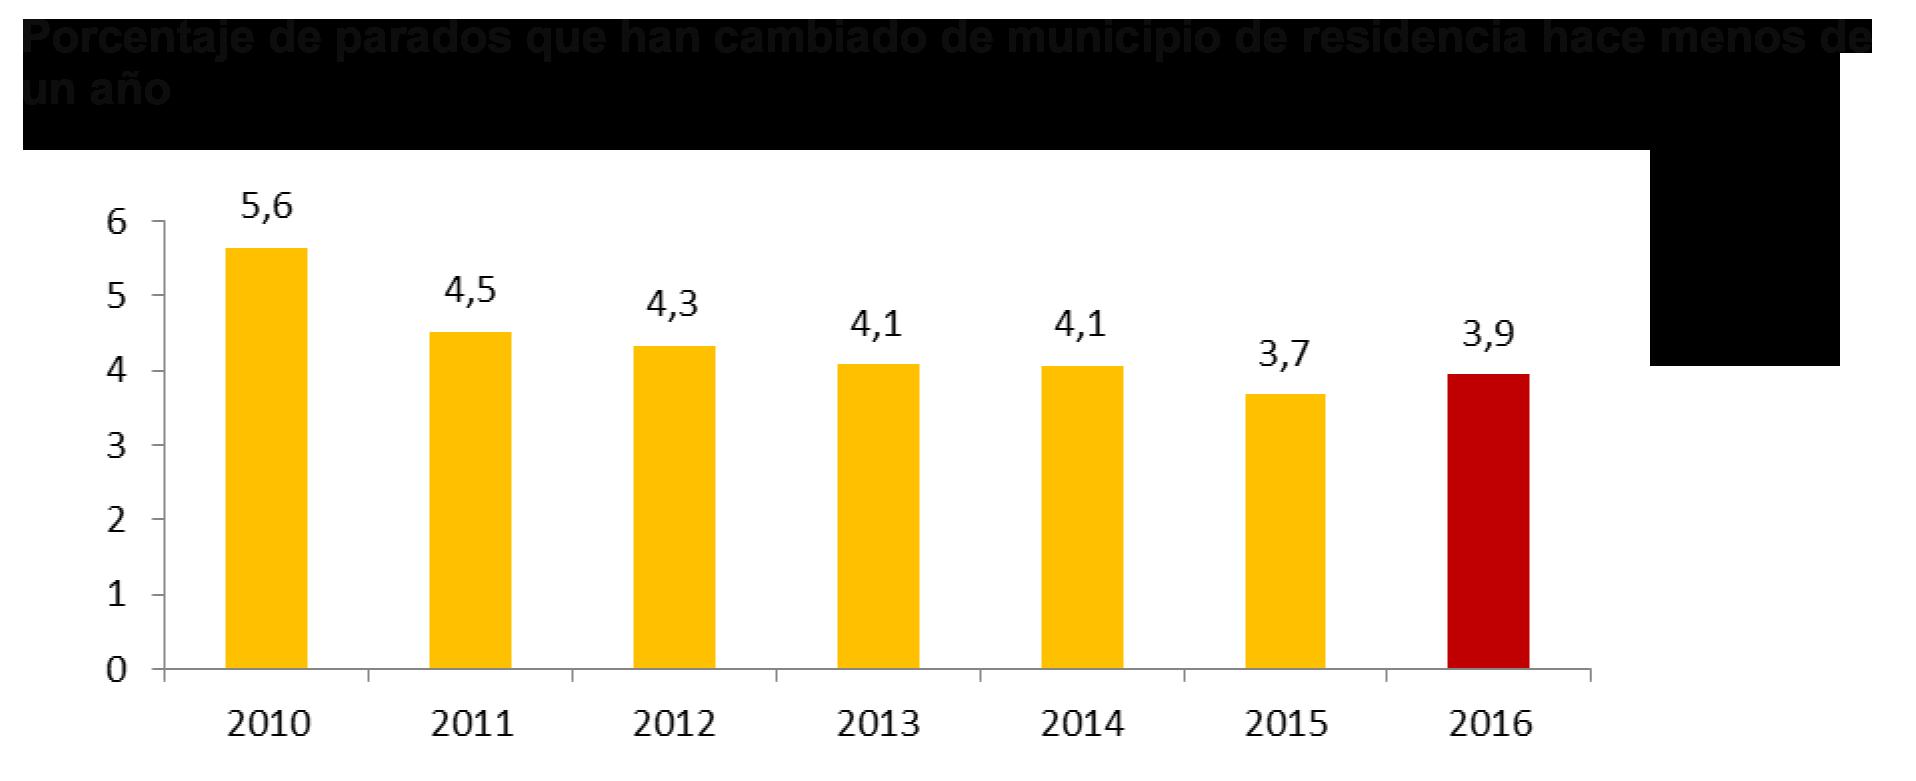 Traslado residencia desempleados en 2016